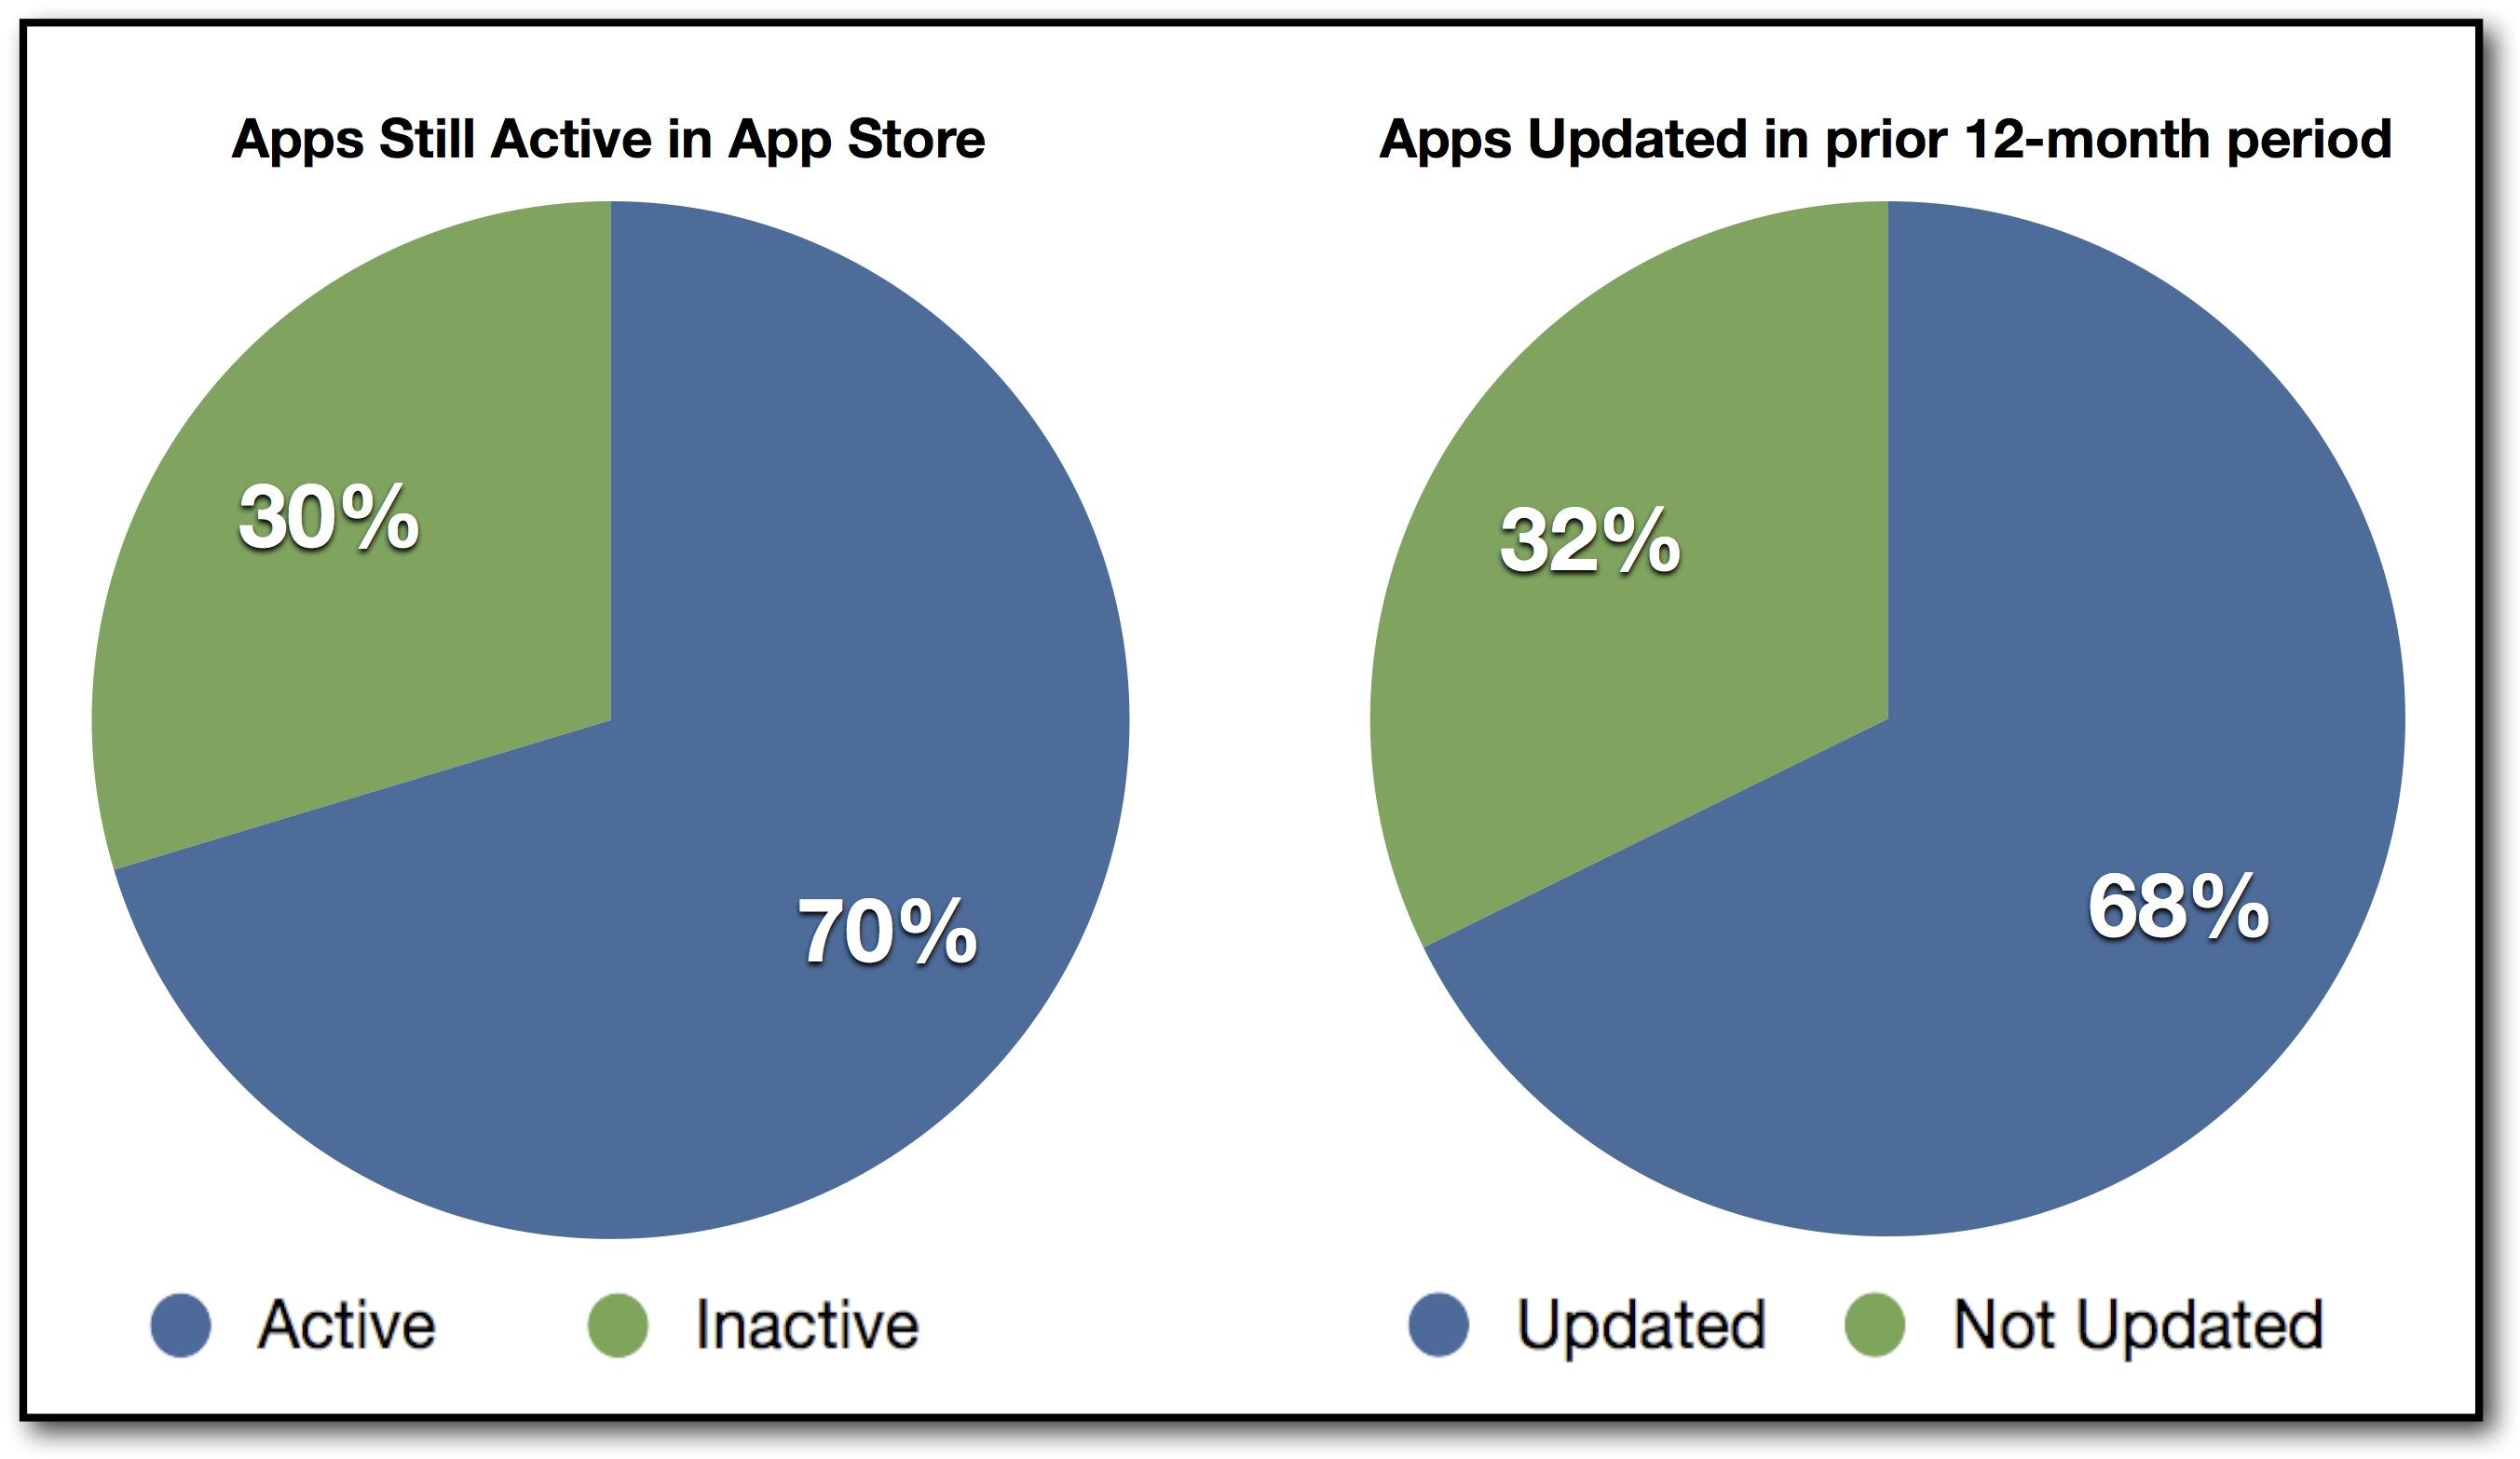 Apps Still Active in App Store